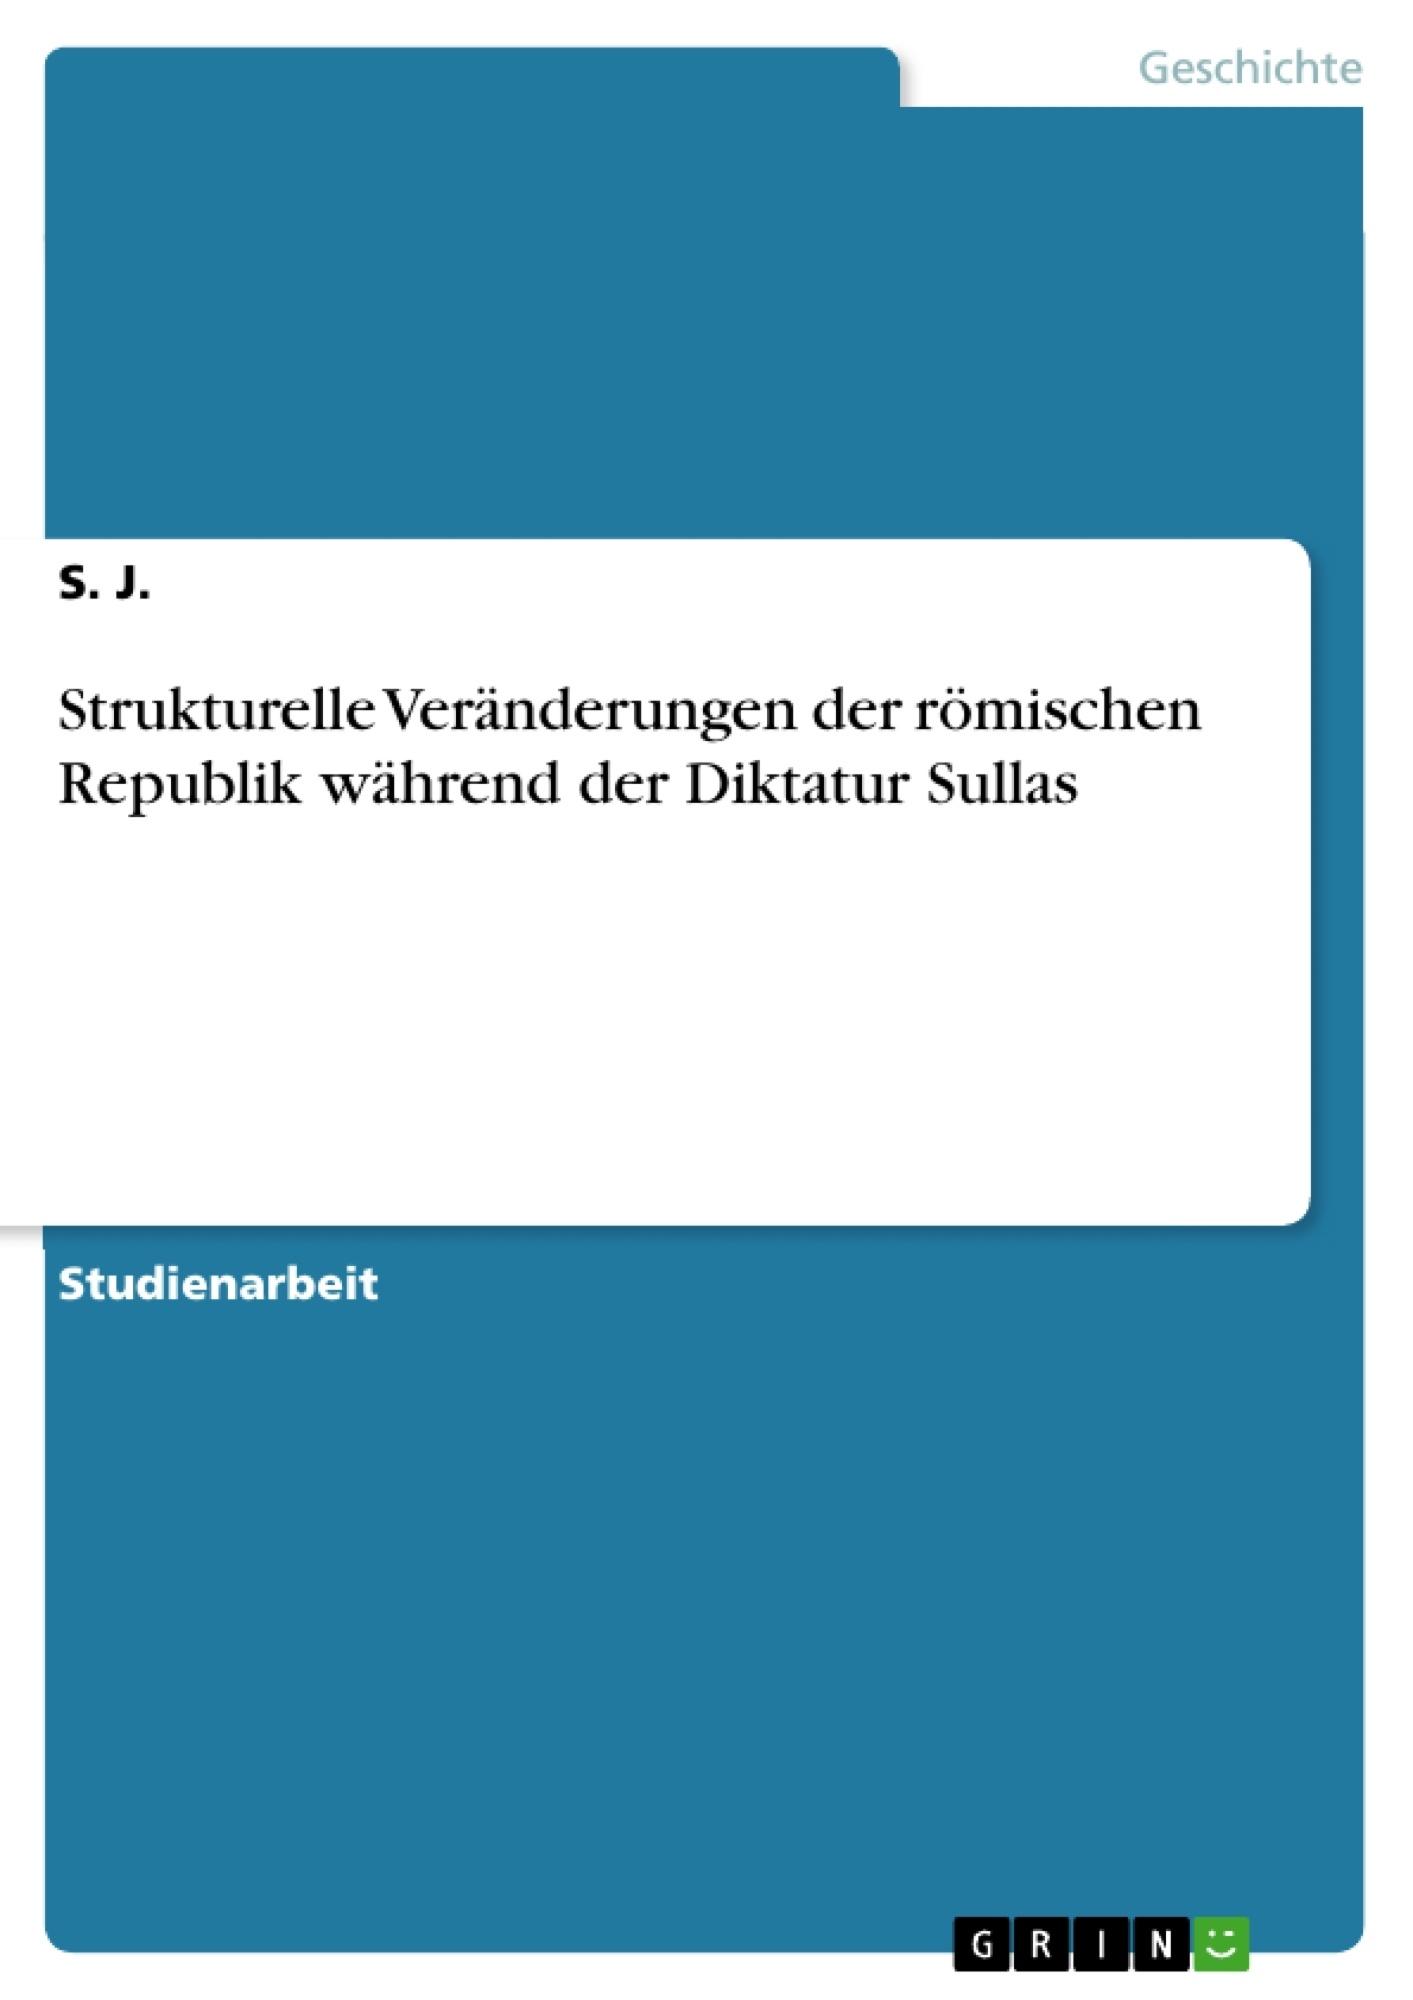 Titel: Strukturelle Veränderungen der römischen Republik während der Diktatur Sullas